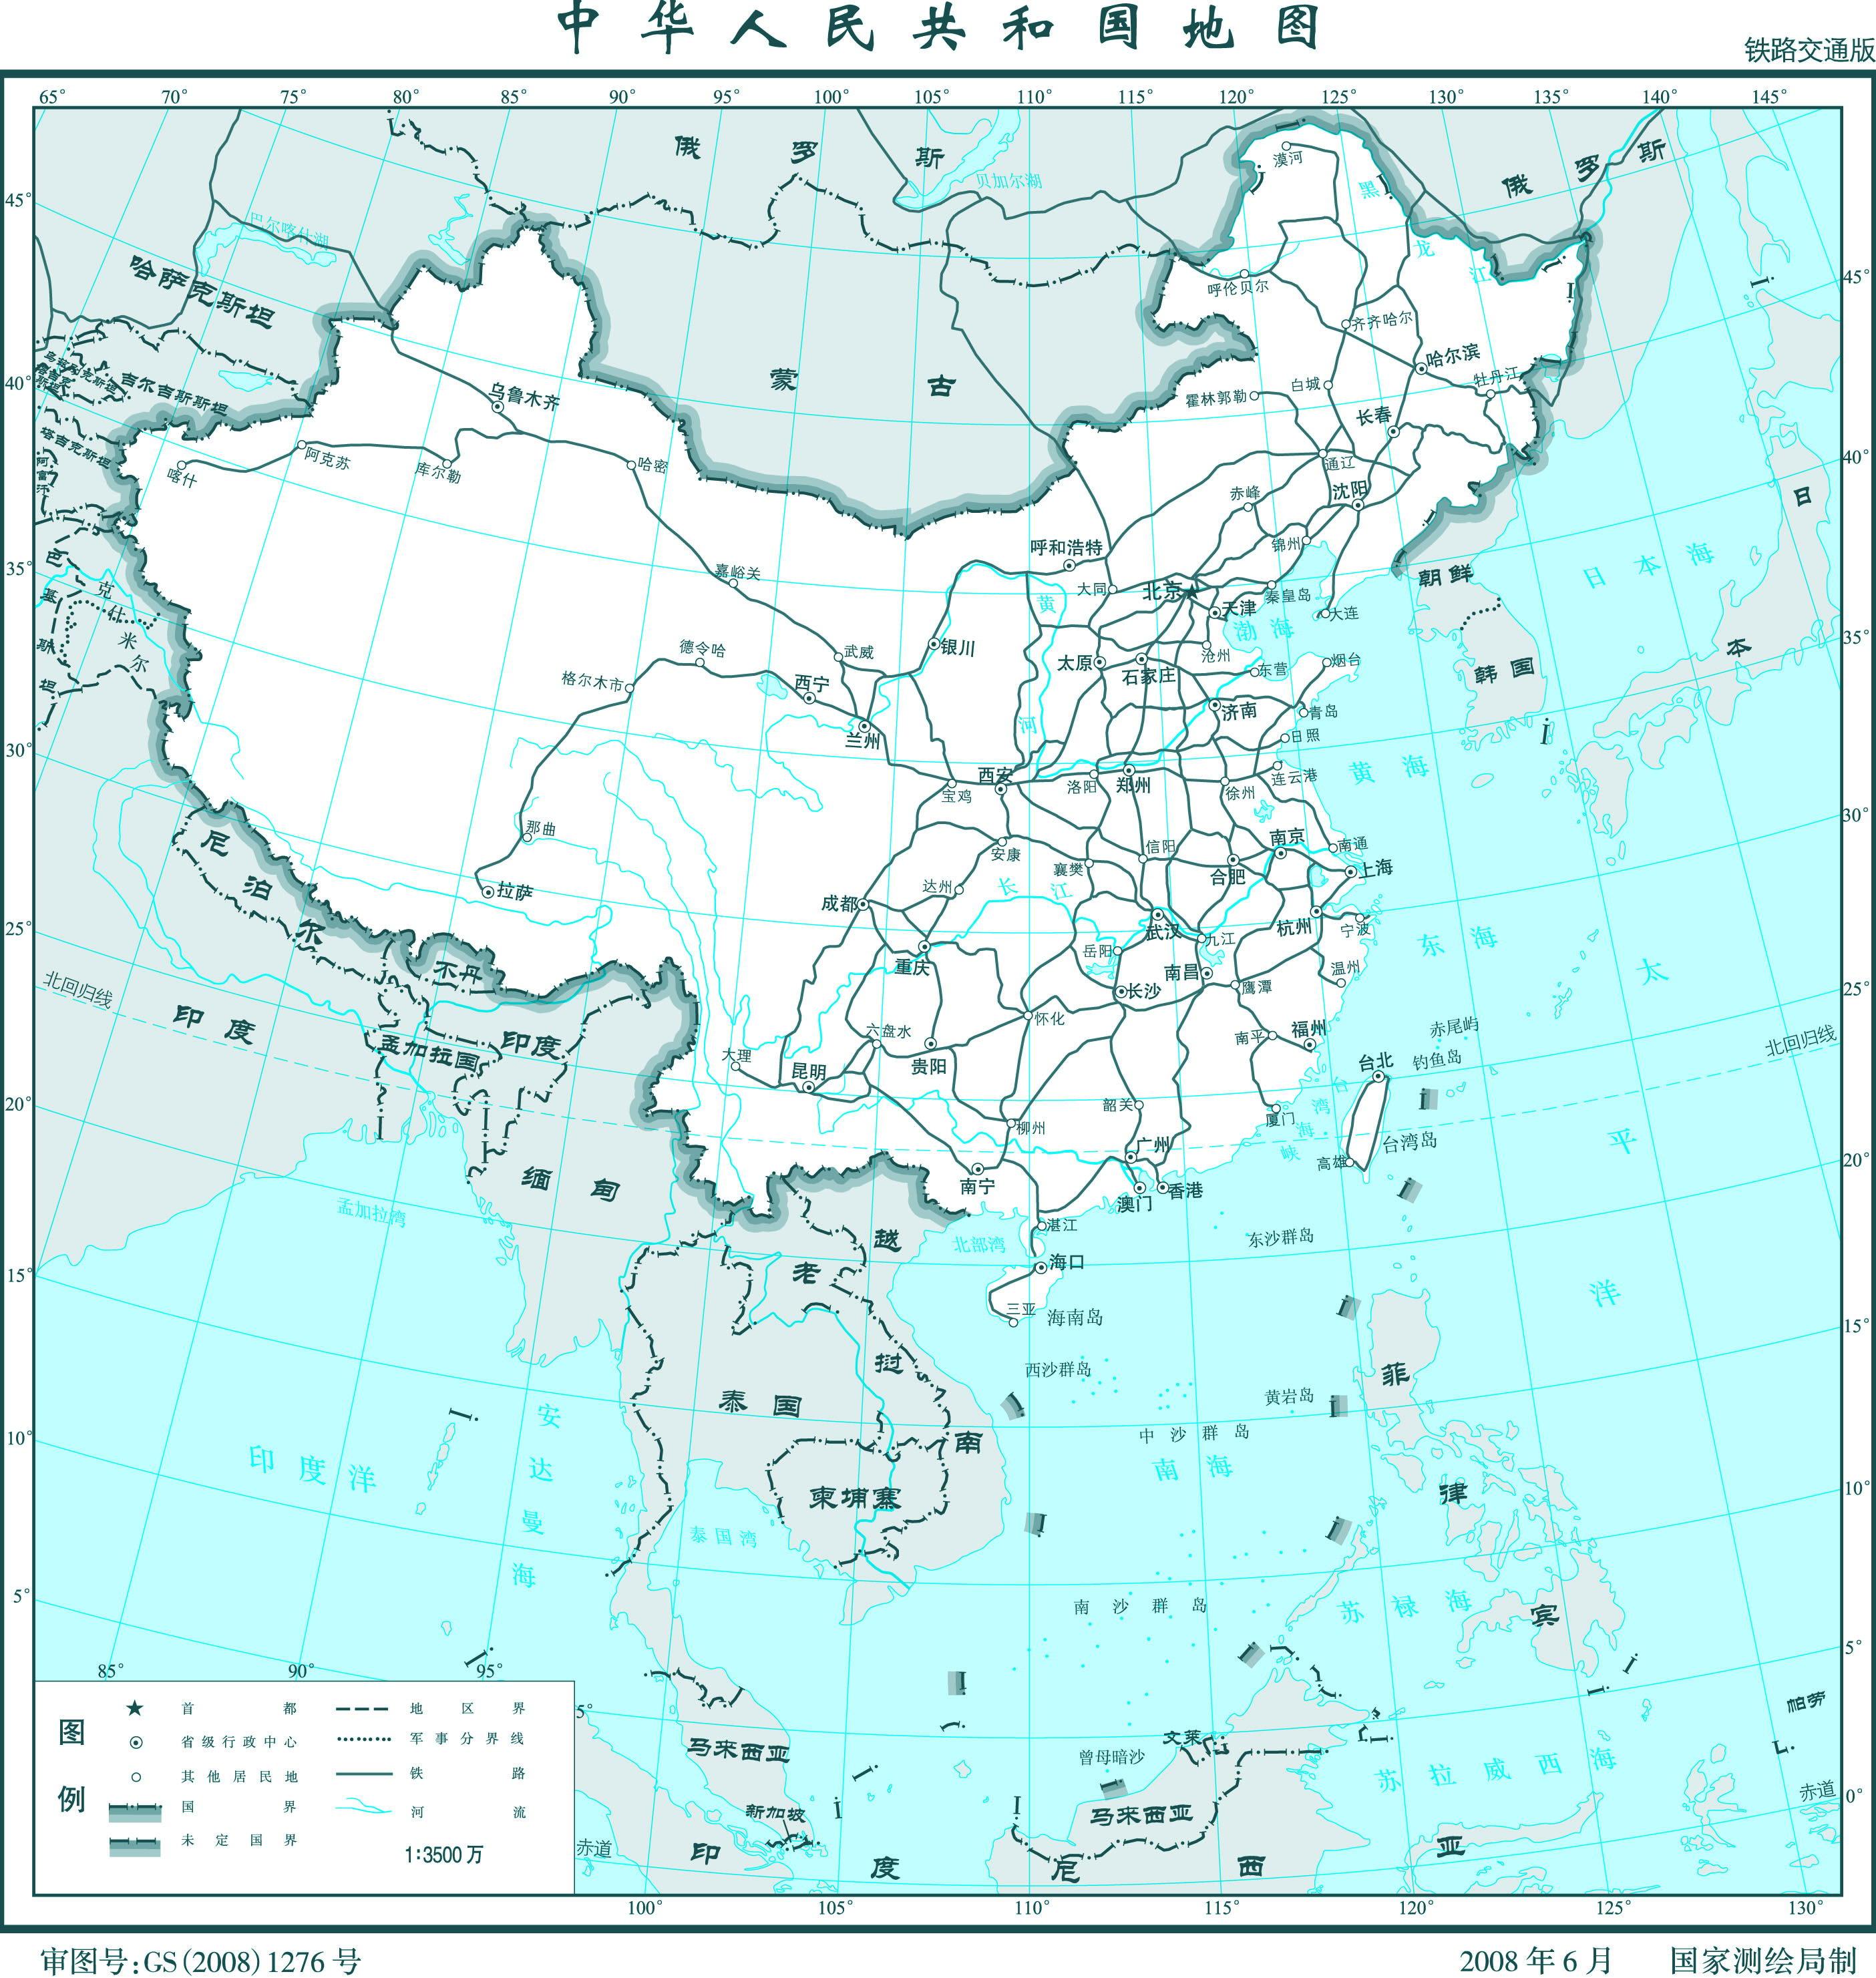 中国铁路地图全图 中国铁路地图 高清 中国铁路交通地图